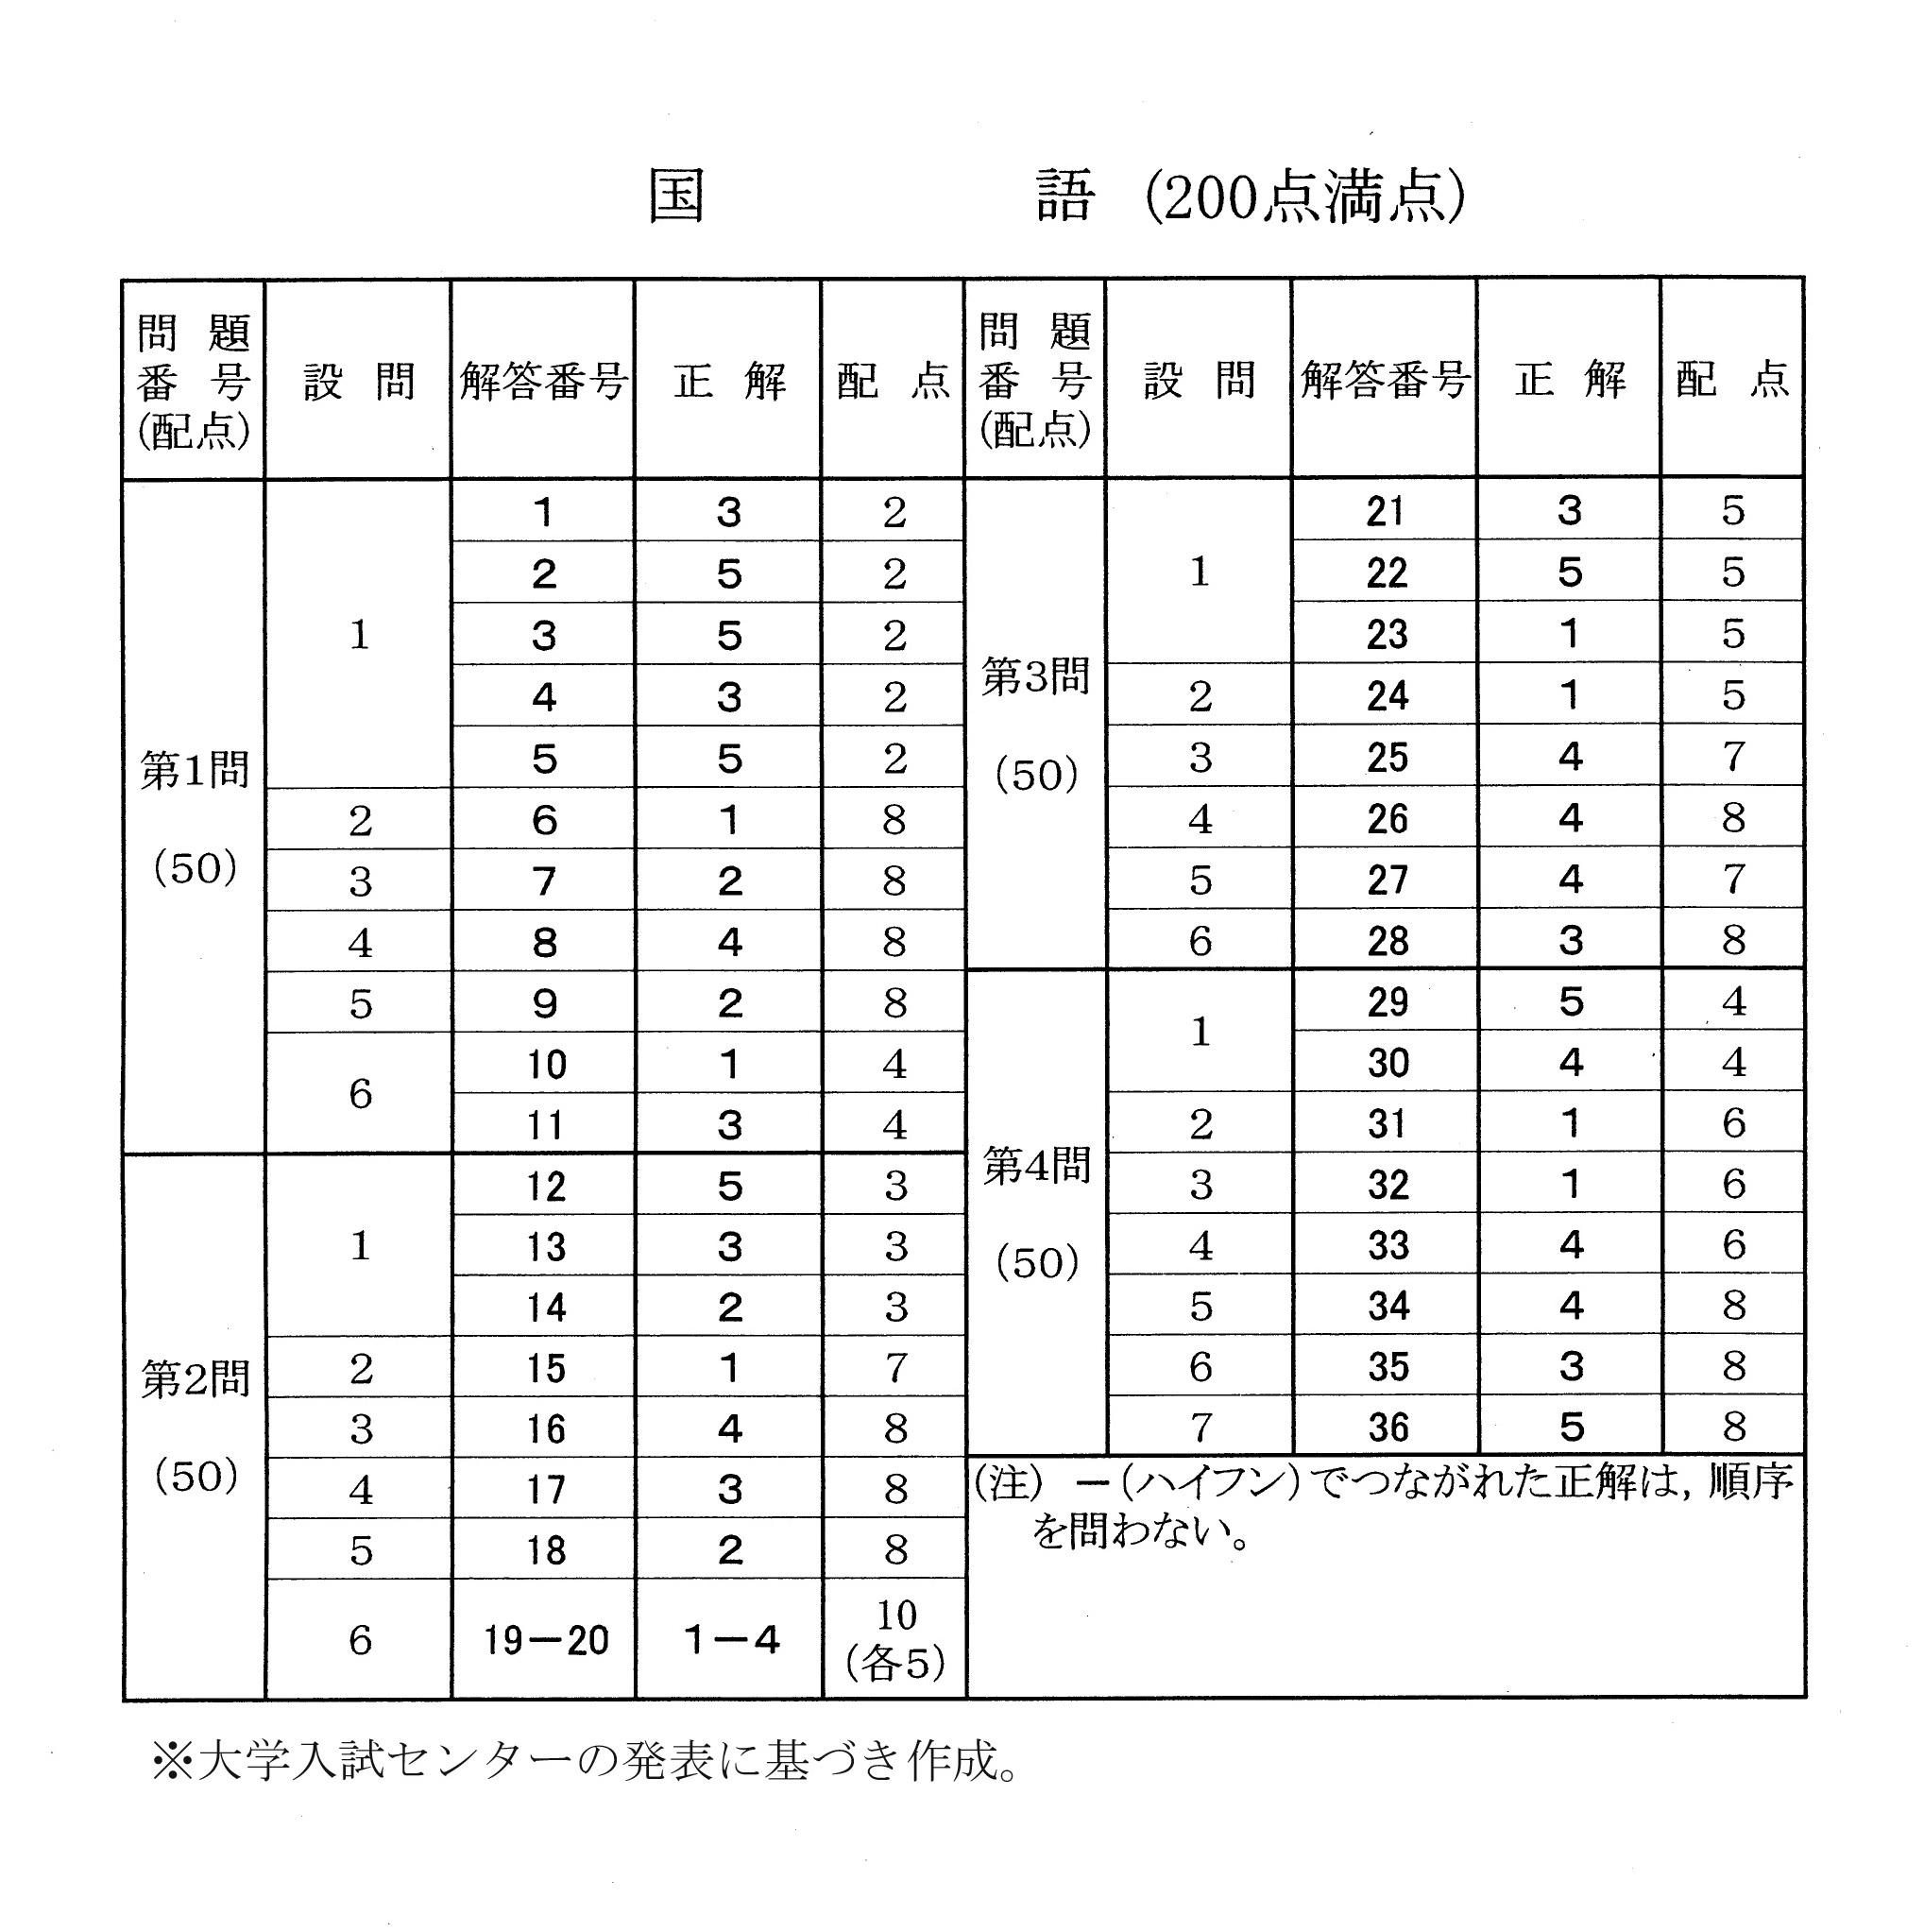 速報 駒澤 大学 解答